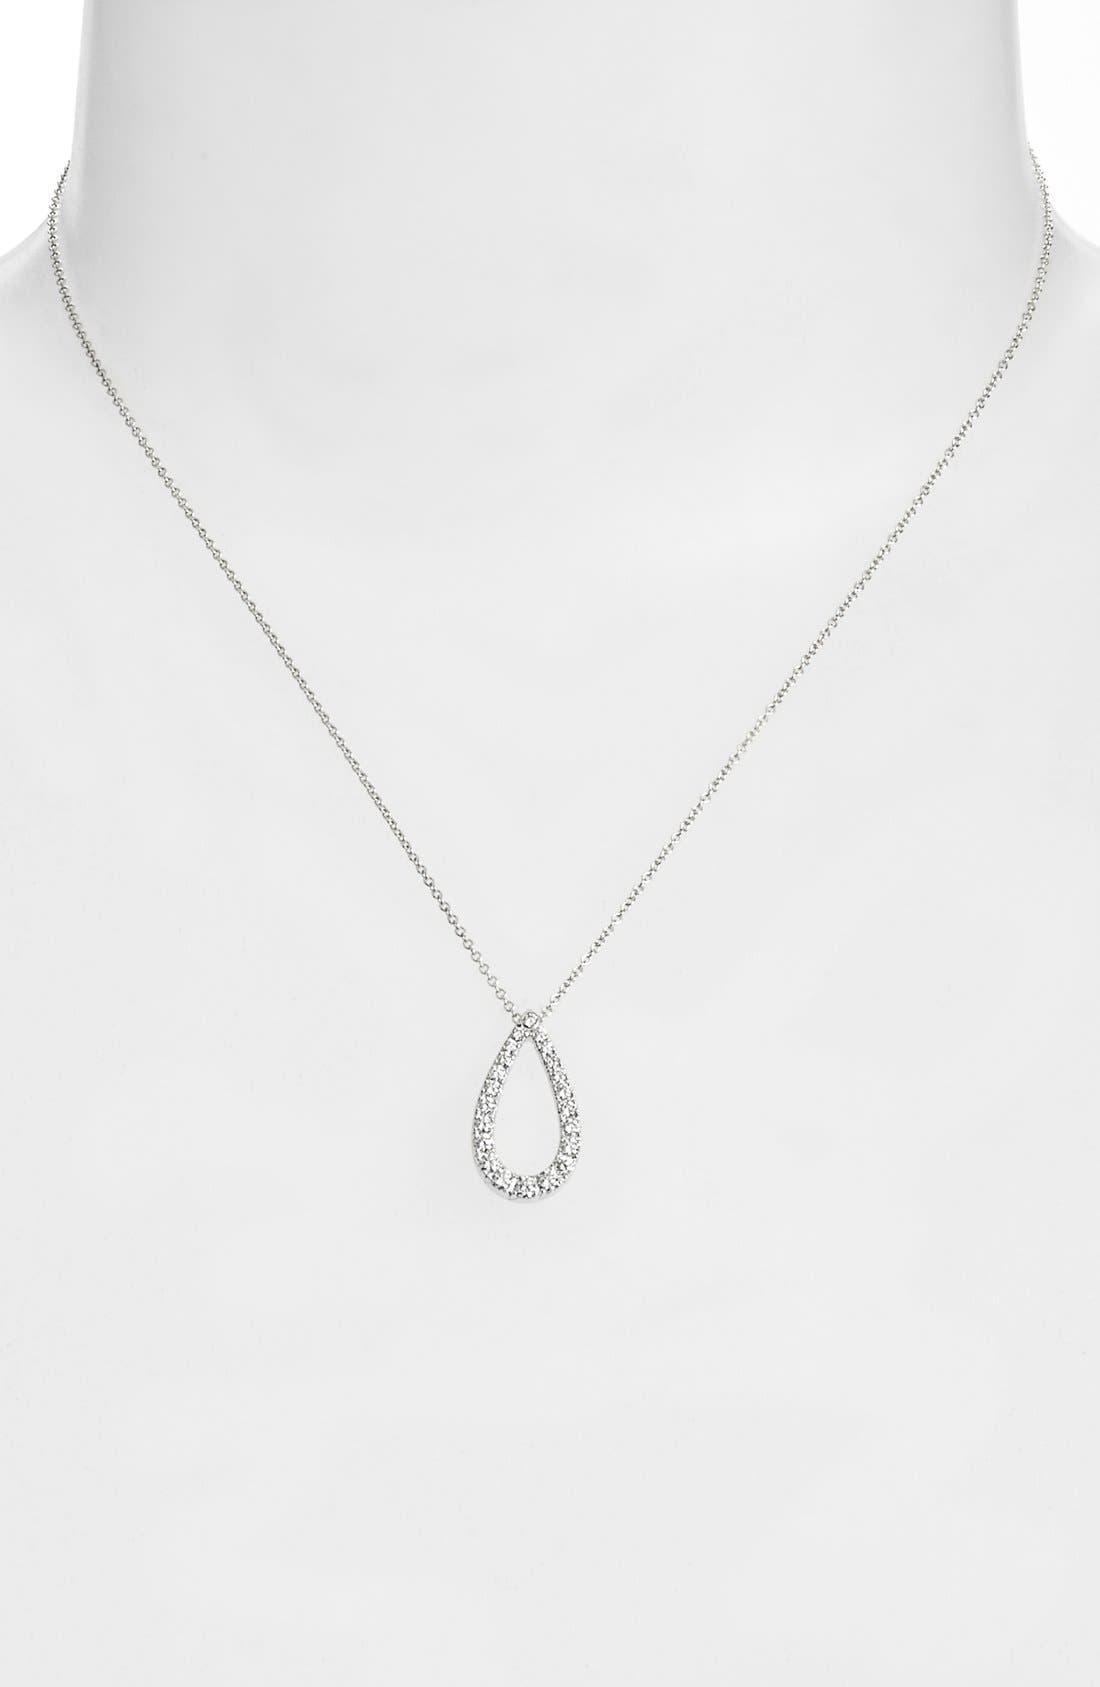 Alternate Image 2  - Kwiat 'Contorno' Teardrop Diamond Pendant Necklace